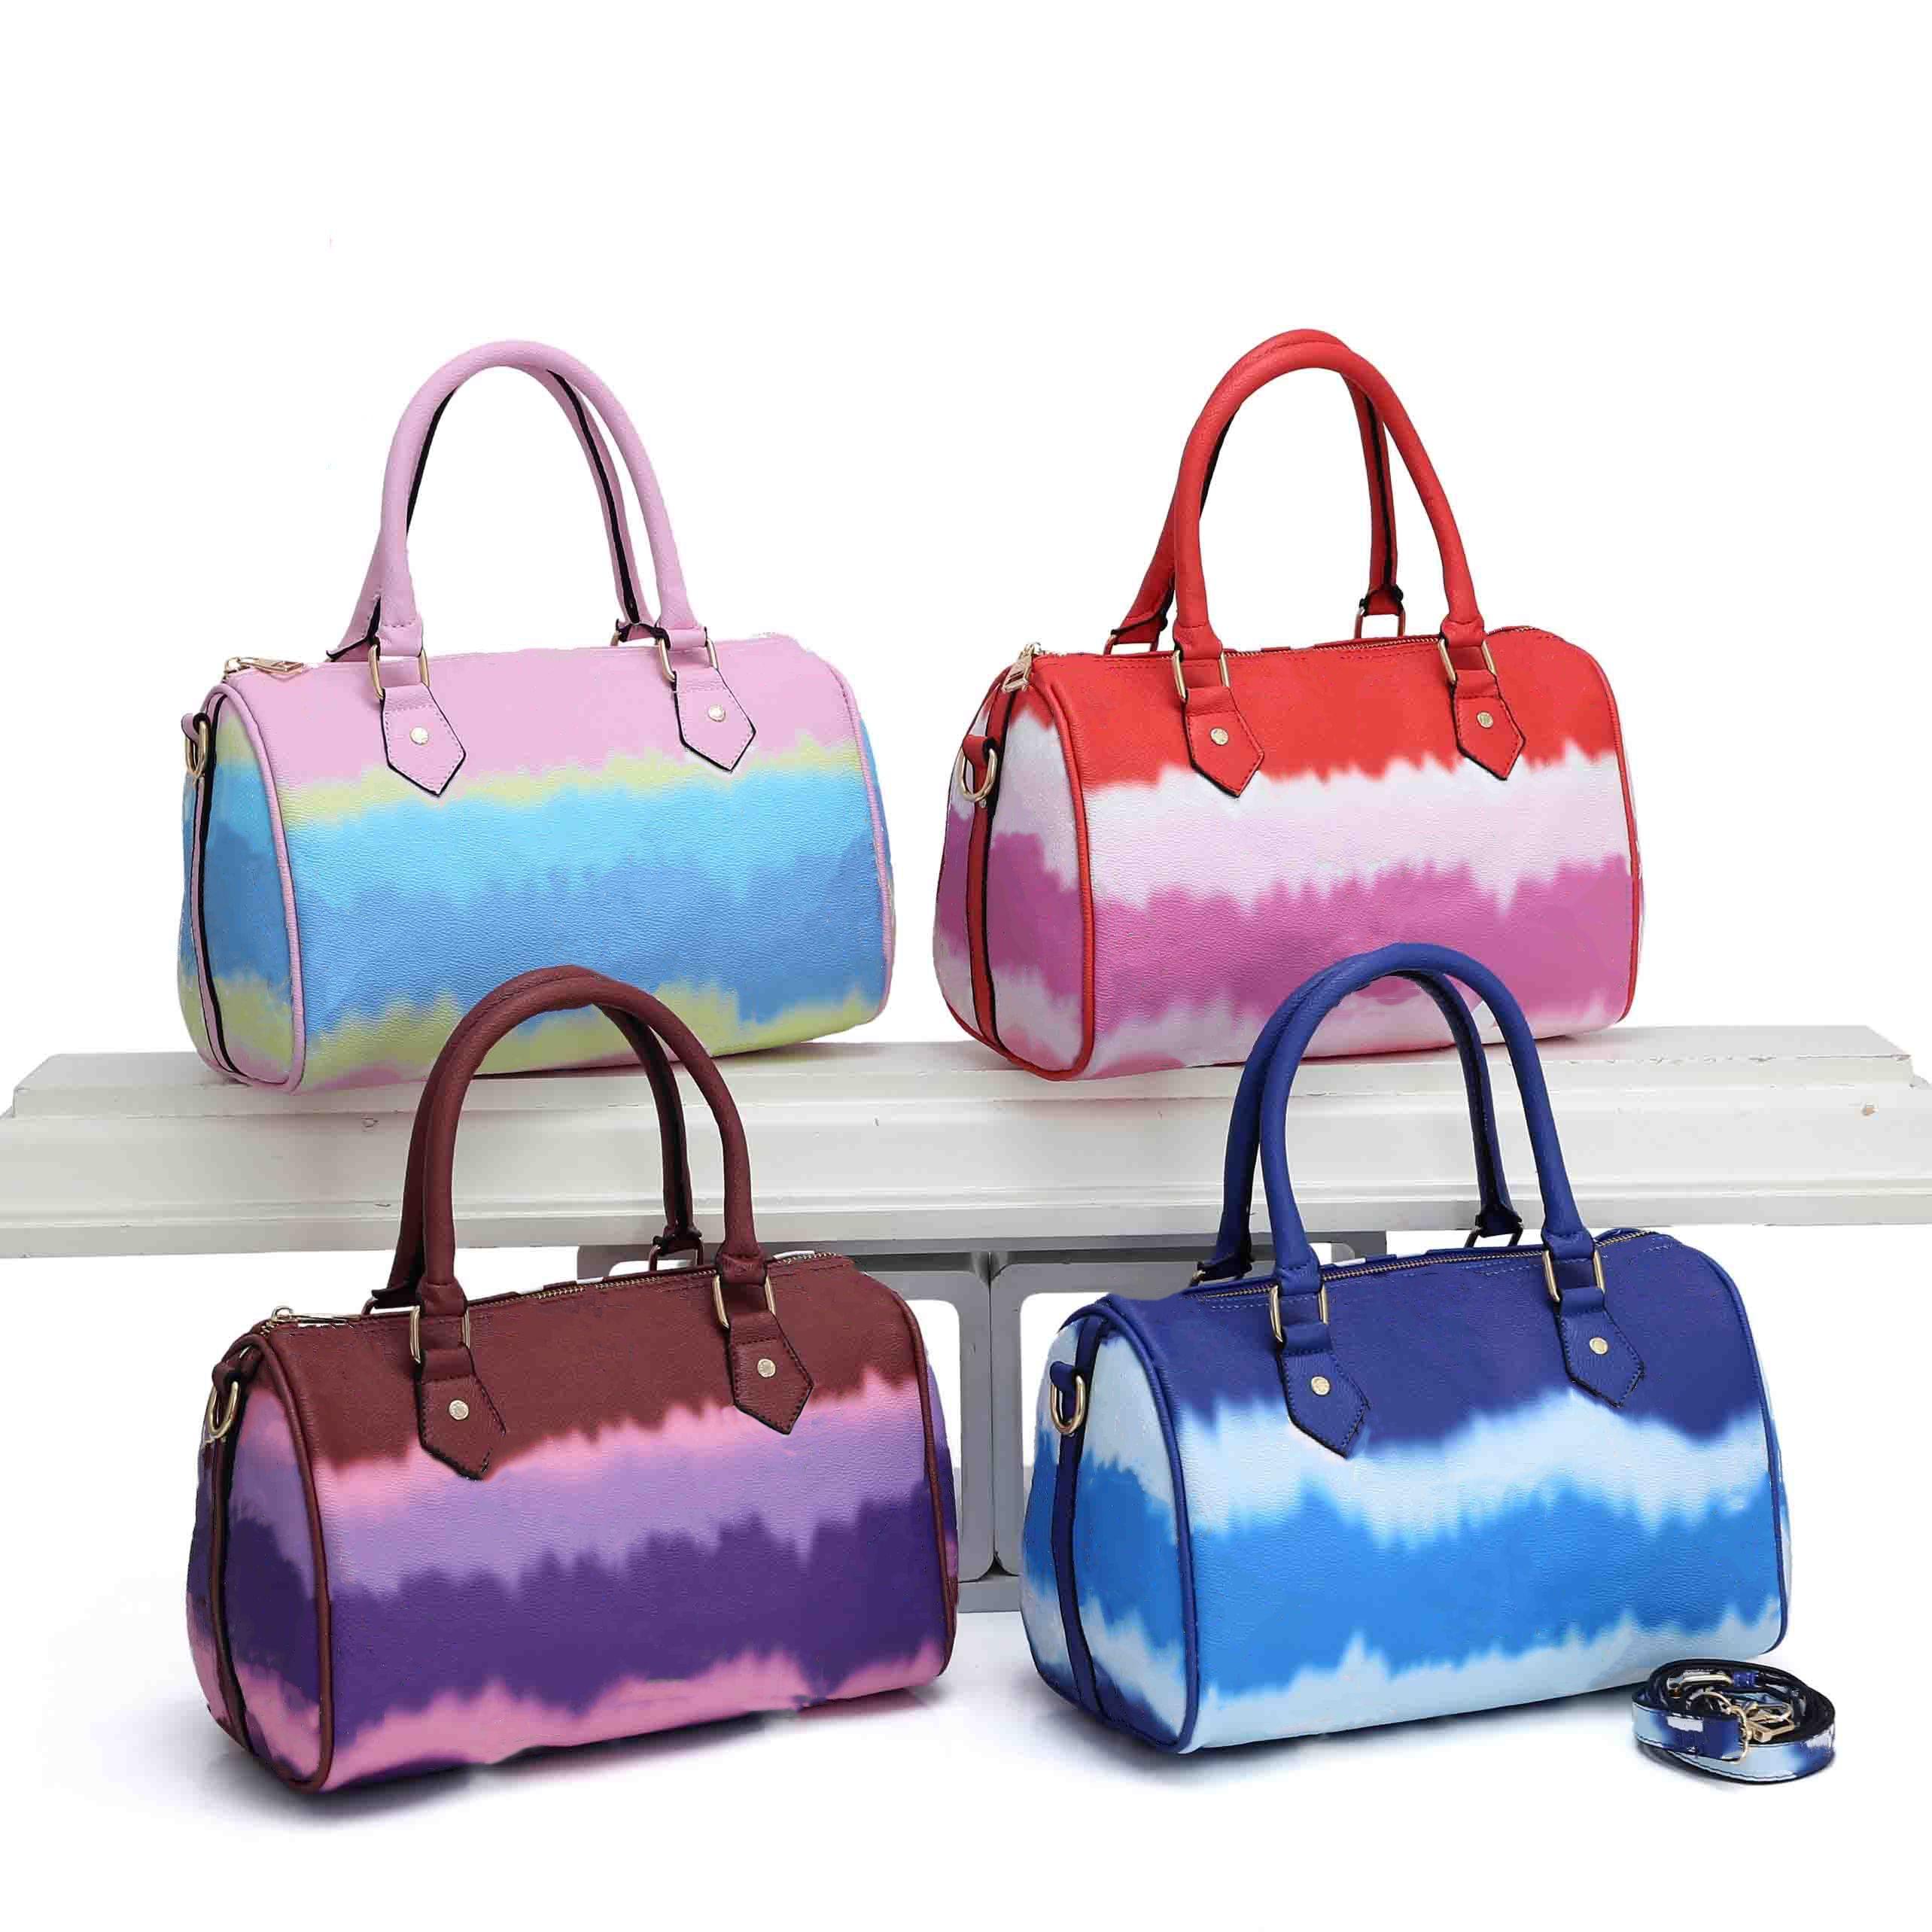 العلامة التجارية bandouliere speedy 30 حمل النساء المصممين الفاخرة حقائب جلدية السيدات crossbody الكتف حقيبة وسادة أكياس محفظة 30 سنتيمتر